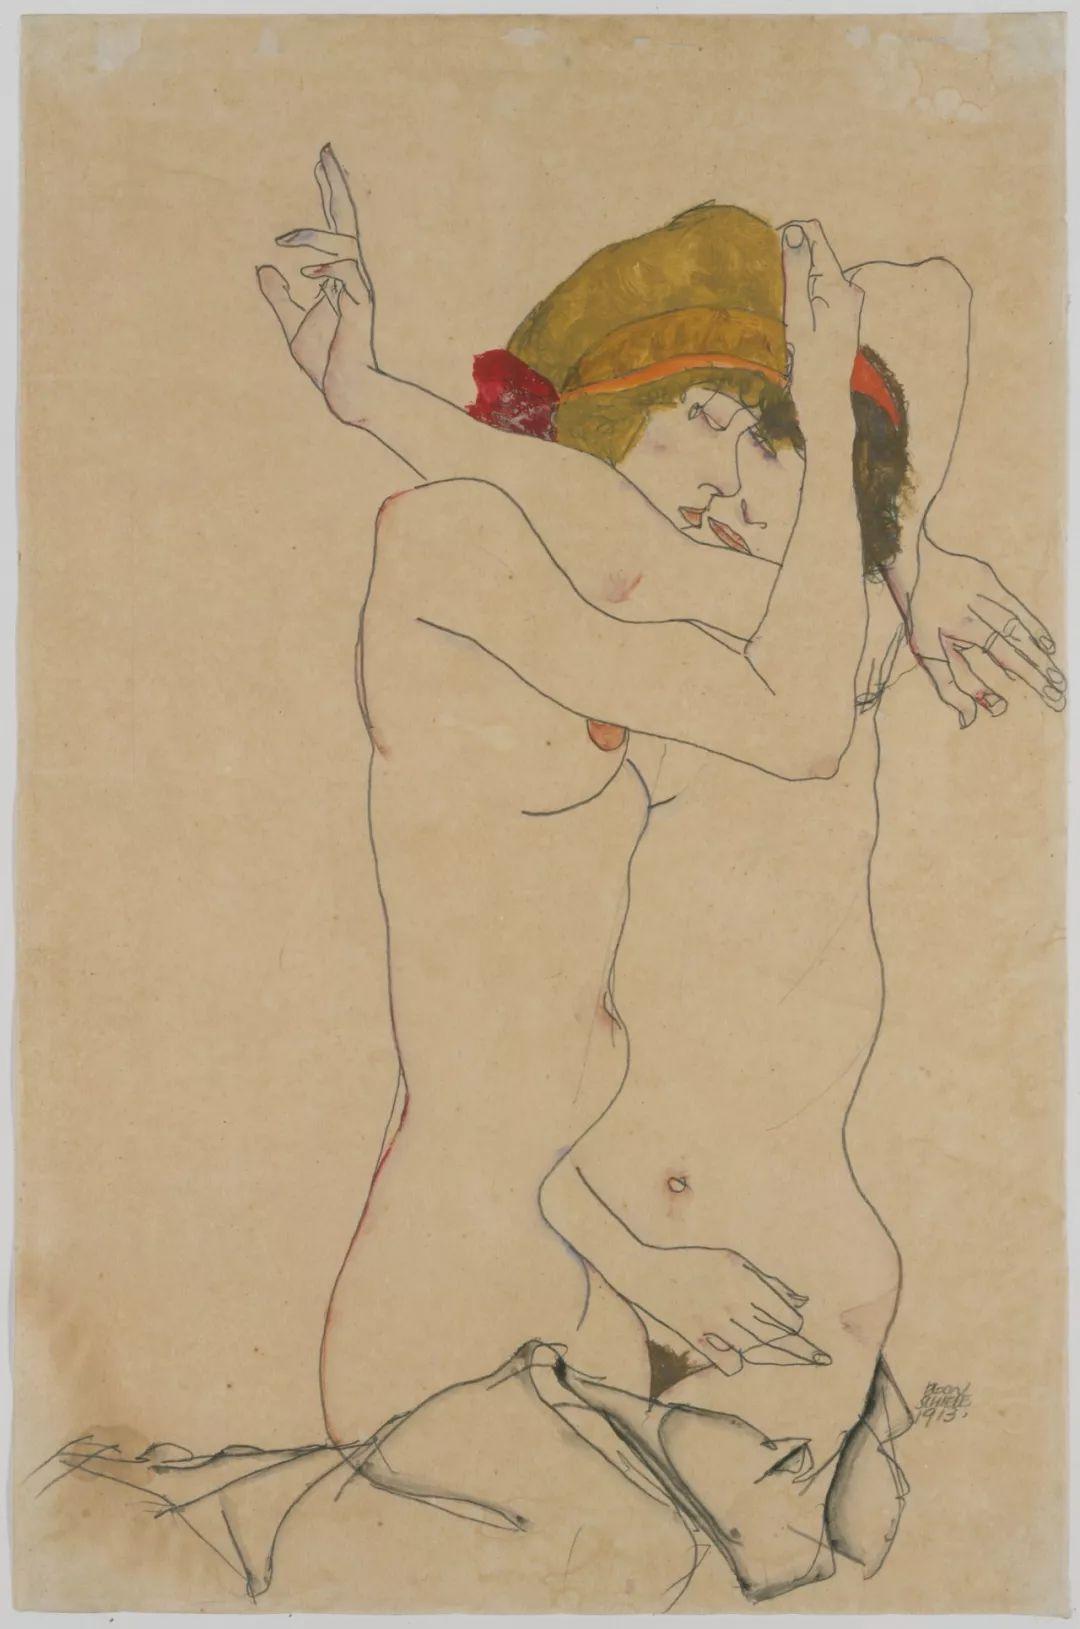 年仅28岁,生前遭受非议,死后却被捧为直逼心灵的艺术家插图185